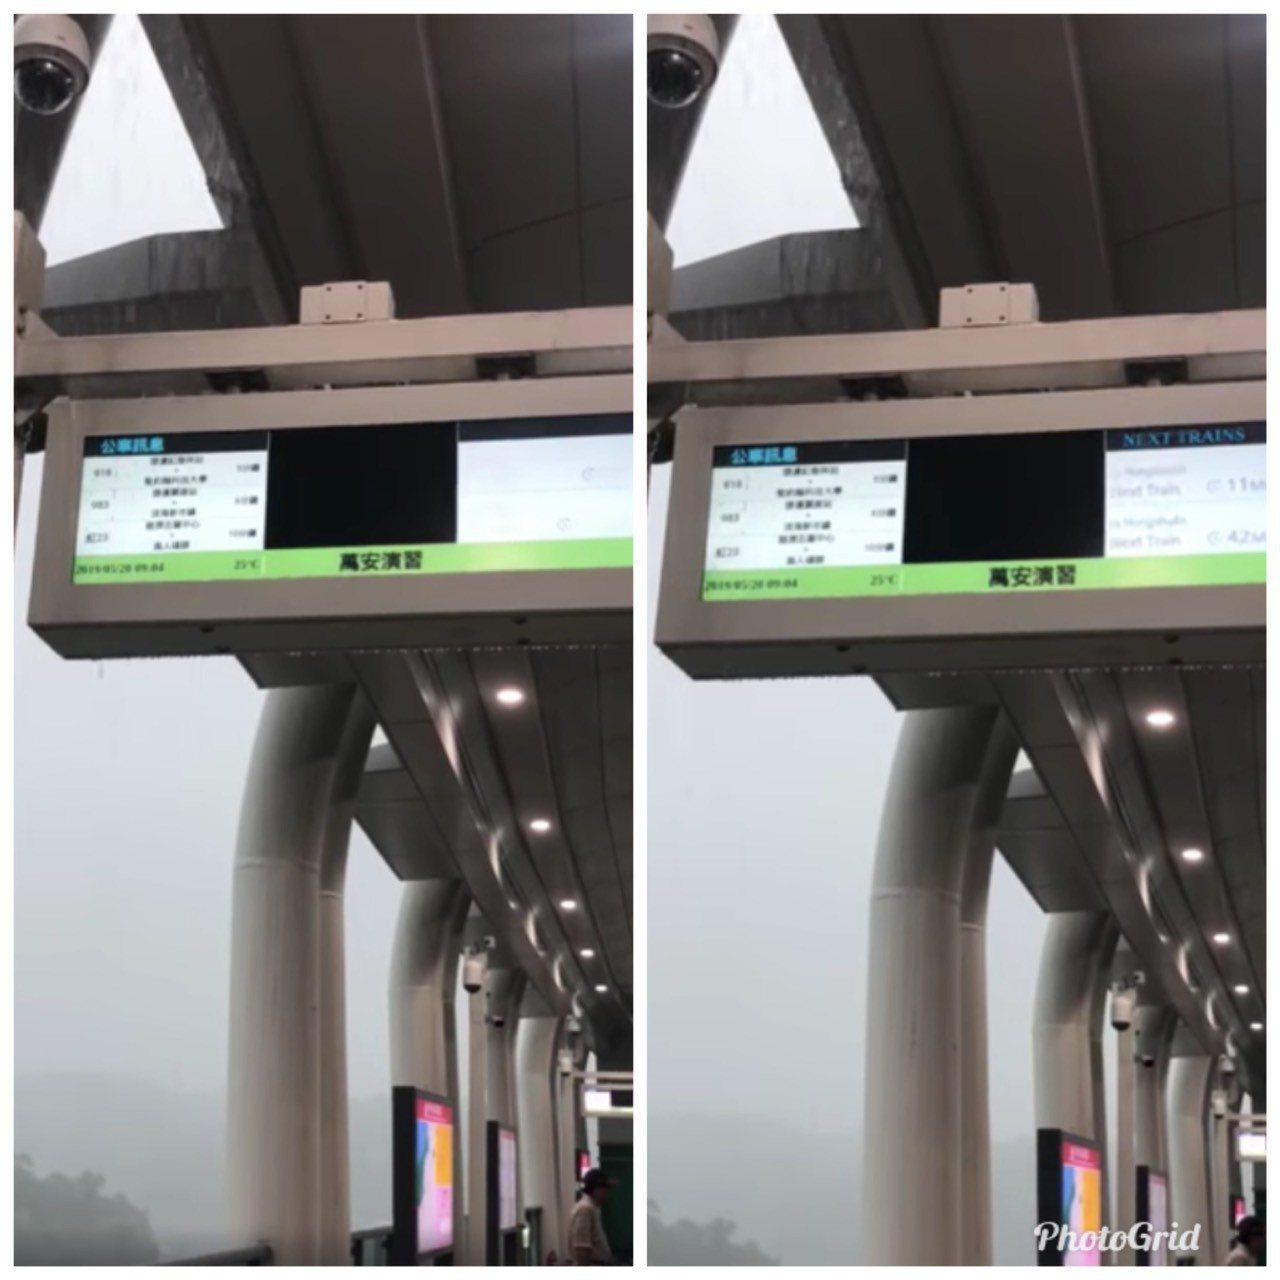 網友在臉書社團「細說淡水」po文一則影片,旅客資訊顯示系統(PIDS)顯示器的班...